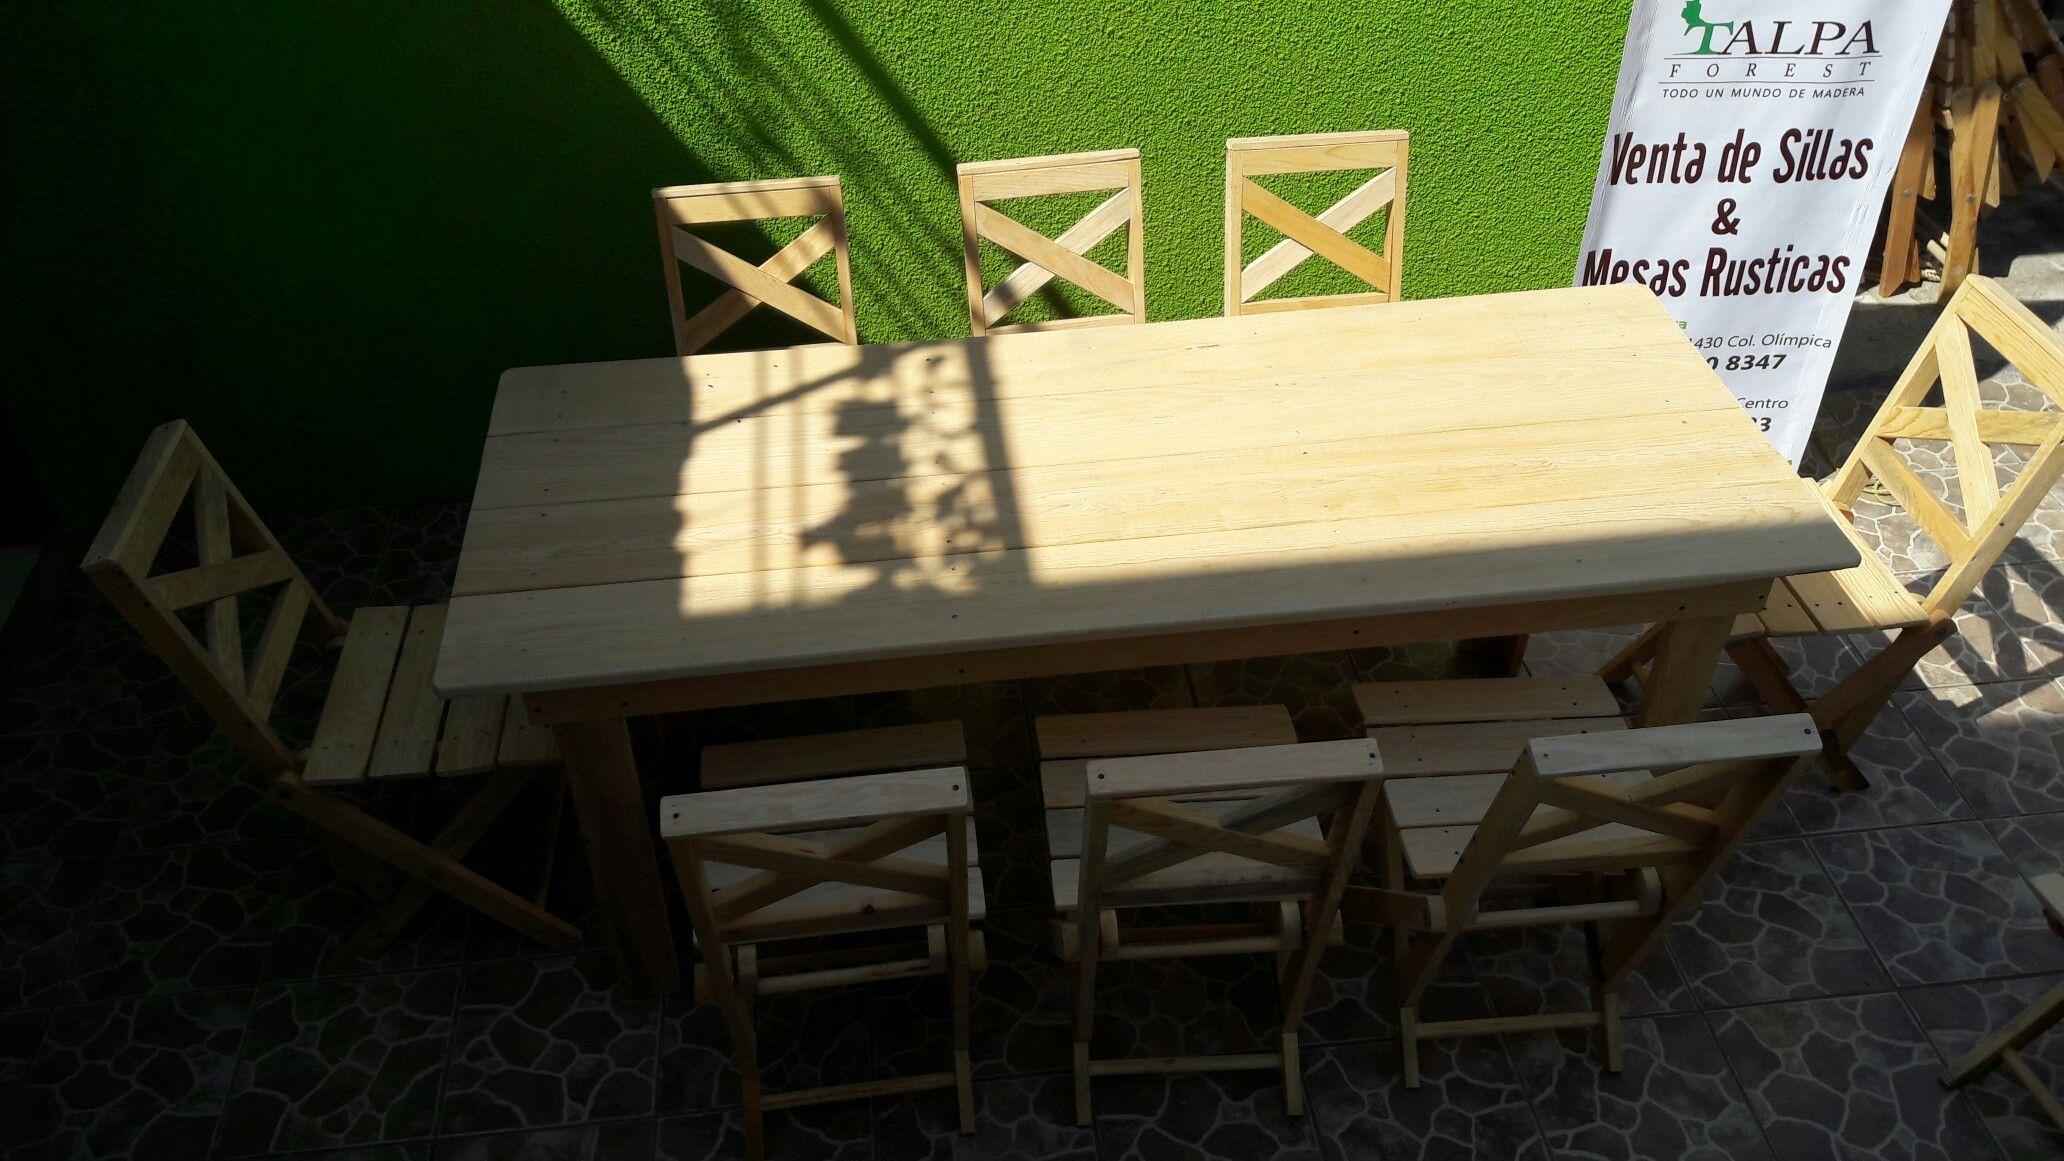 Sillas y mesas | sillas de madera plegables | Pinterest | Sillas de ...